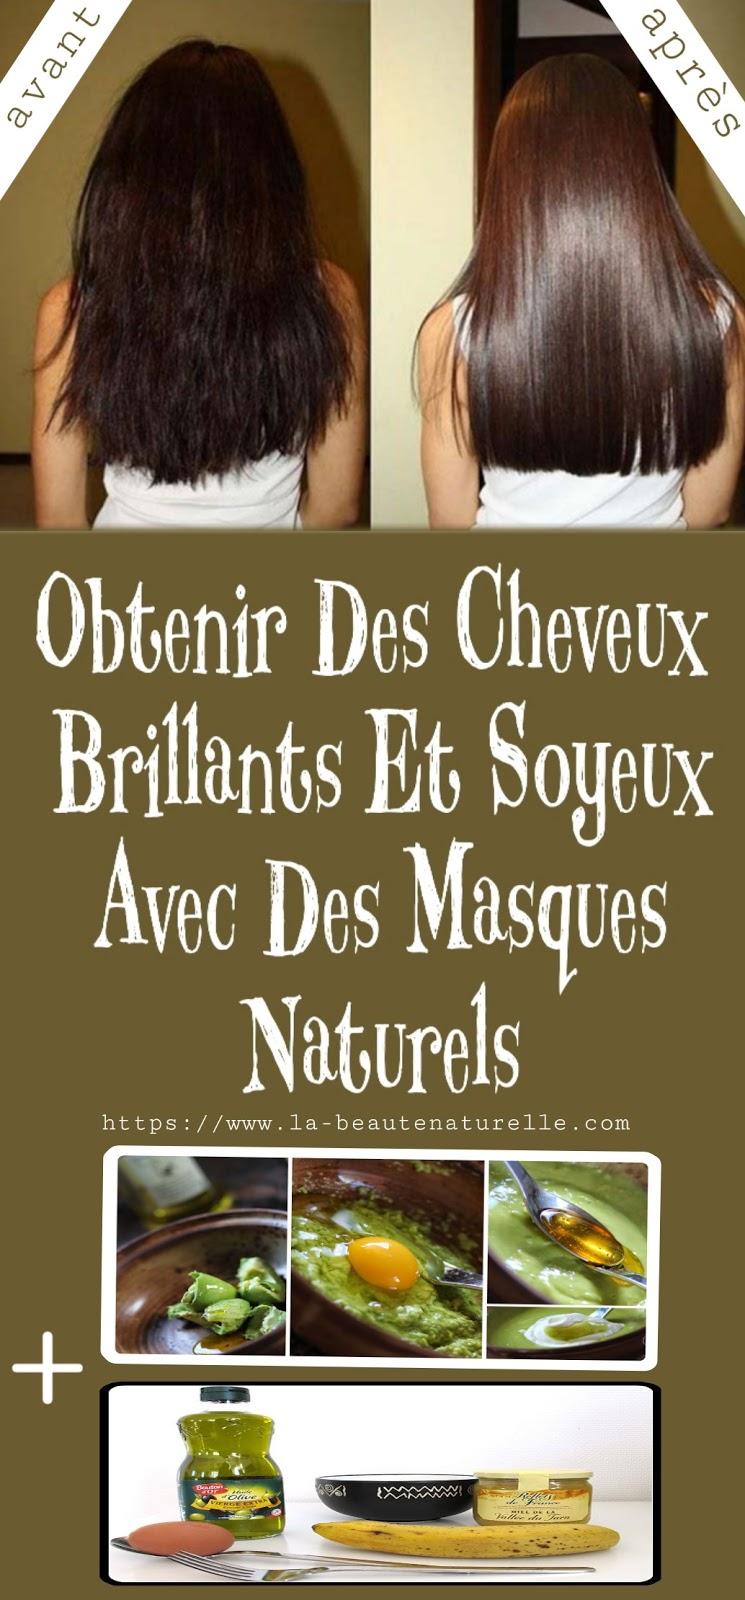 Obtenir Des Cheveux Brillants Et Soyeux Avec Des Masques Naturels